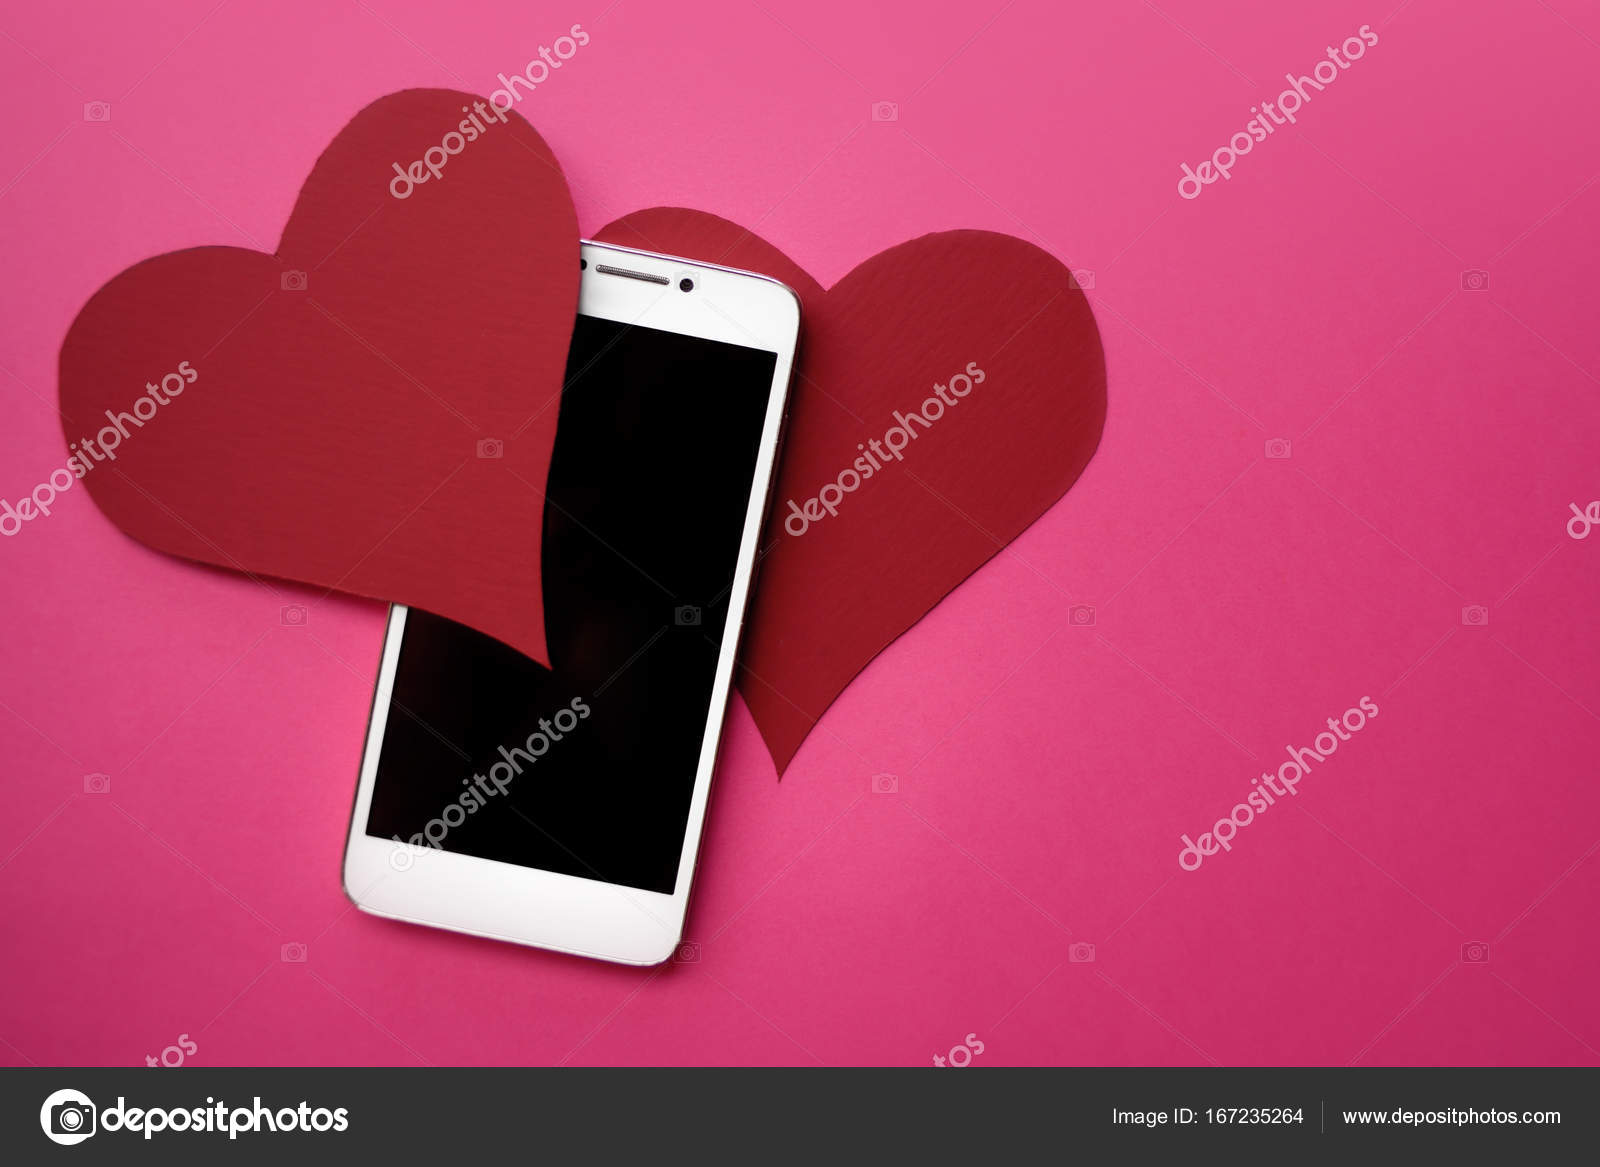 υπενθύμιση app dating ένα υπέροχο παράδειγμα προφίλ γνωριμιών